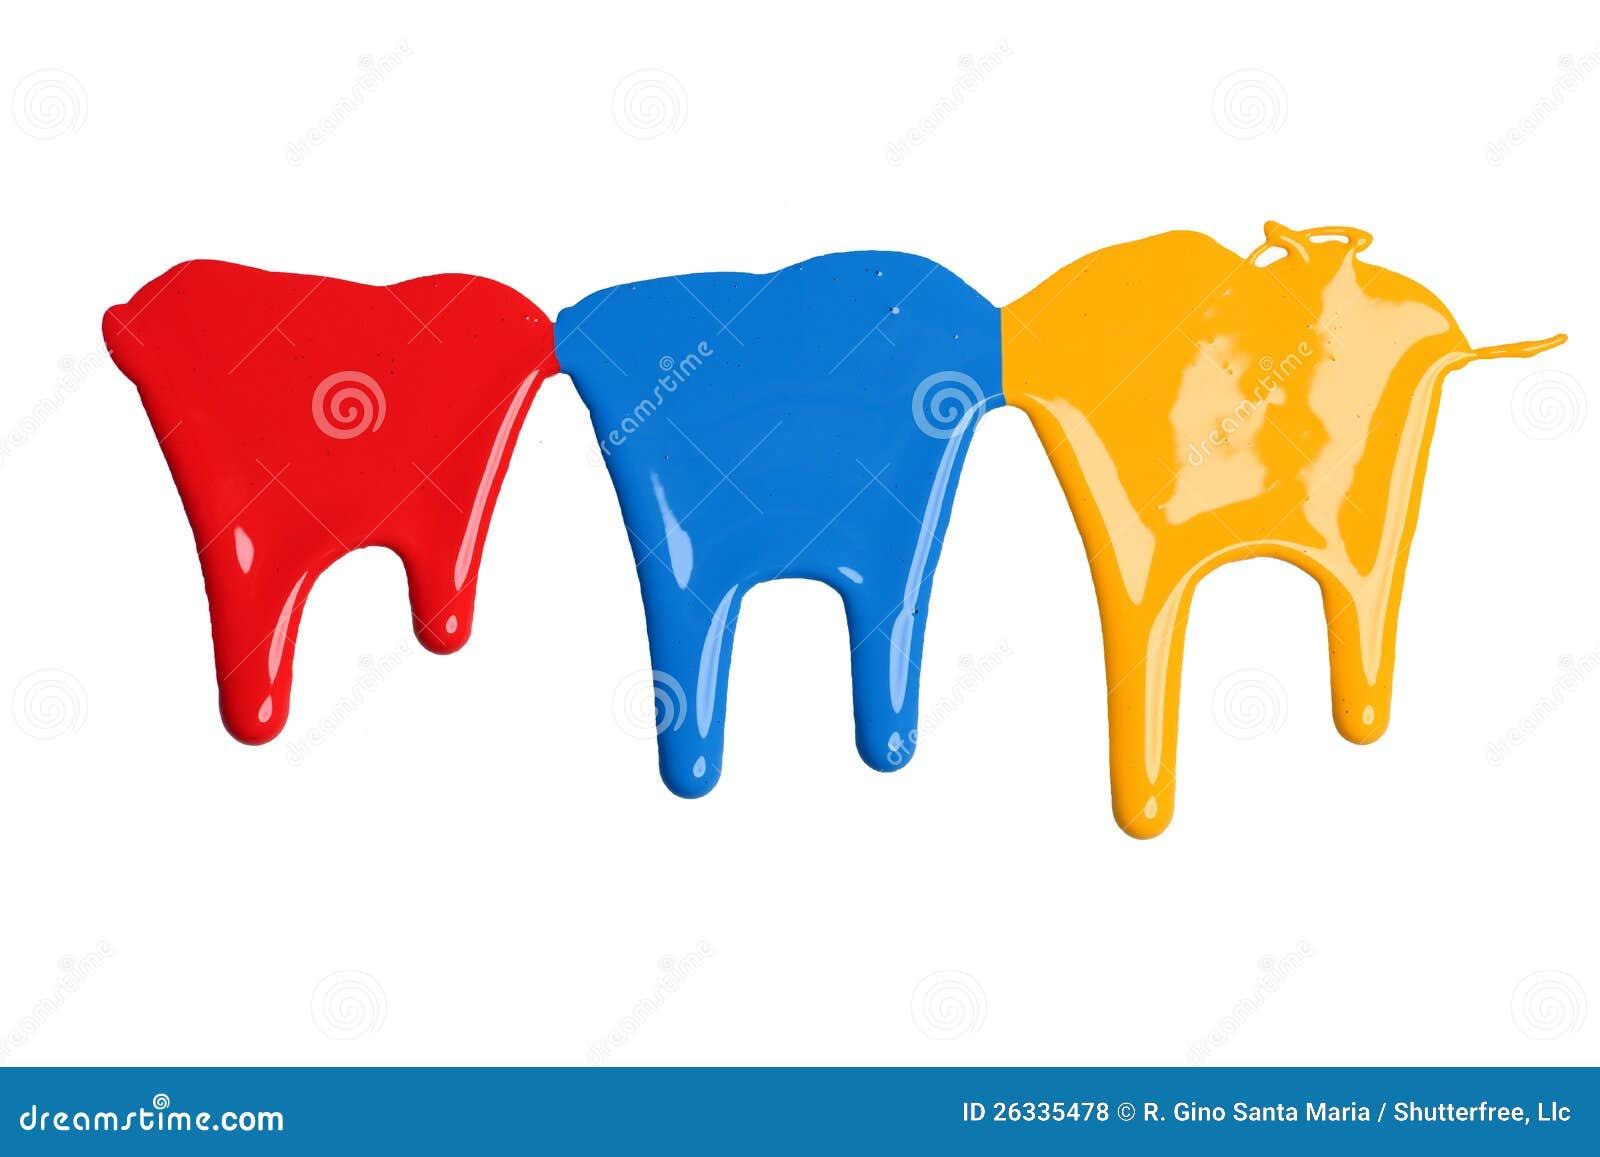 Genomblöt röd, blå och gul målarfärg